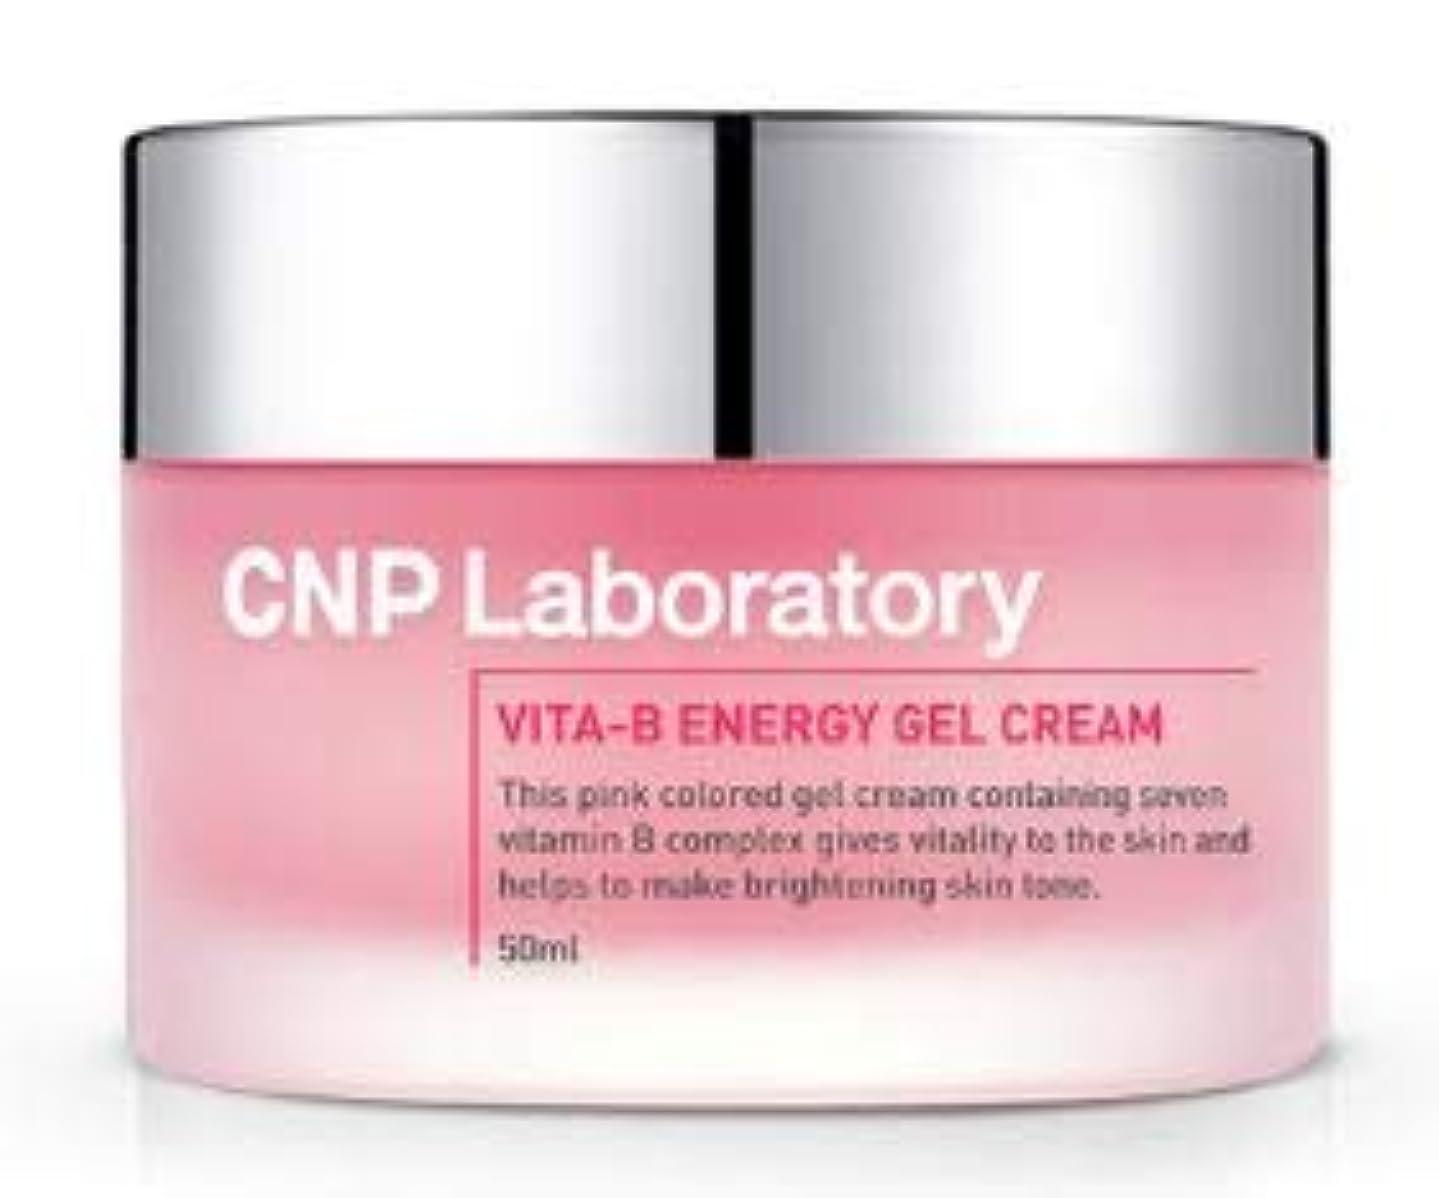 鉄合わせて休憩[CHA&PARK(CNP)] Vita-B Energy Gel Cream 50ml /[チャアンドパク(CNP)] ビタ-B エネルギー ジェル クリーム 50ml [並行輸入品]